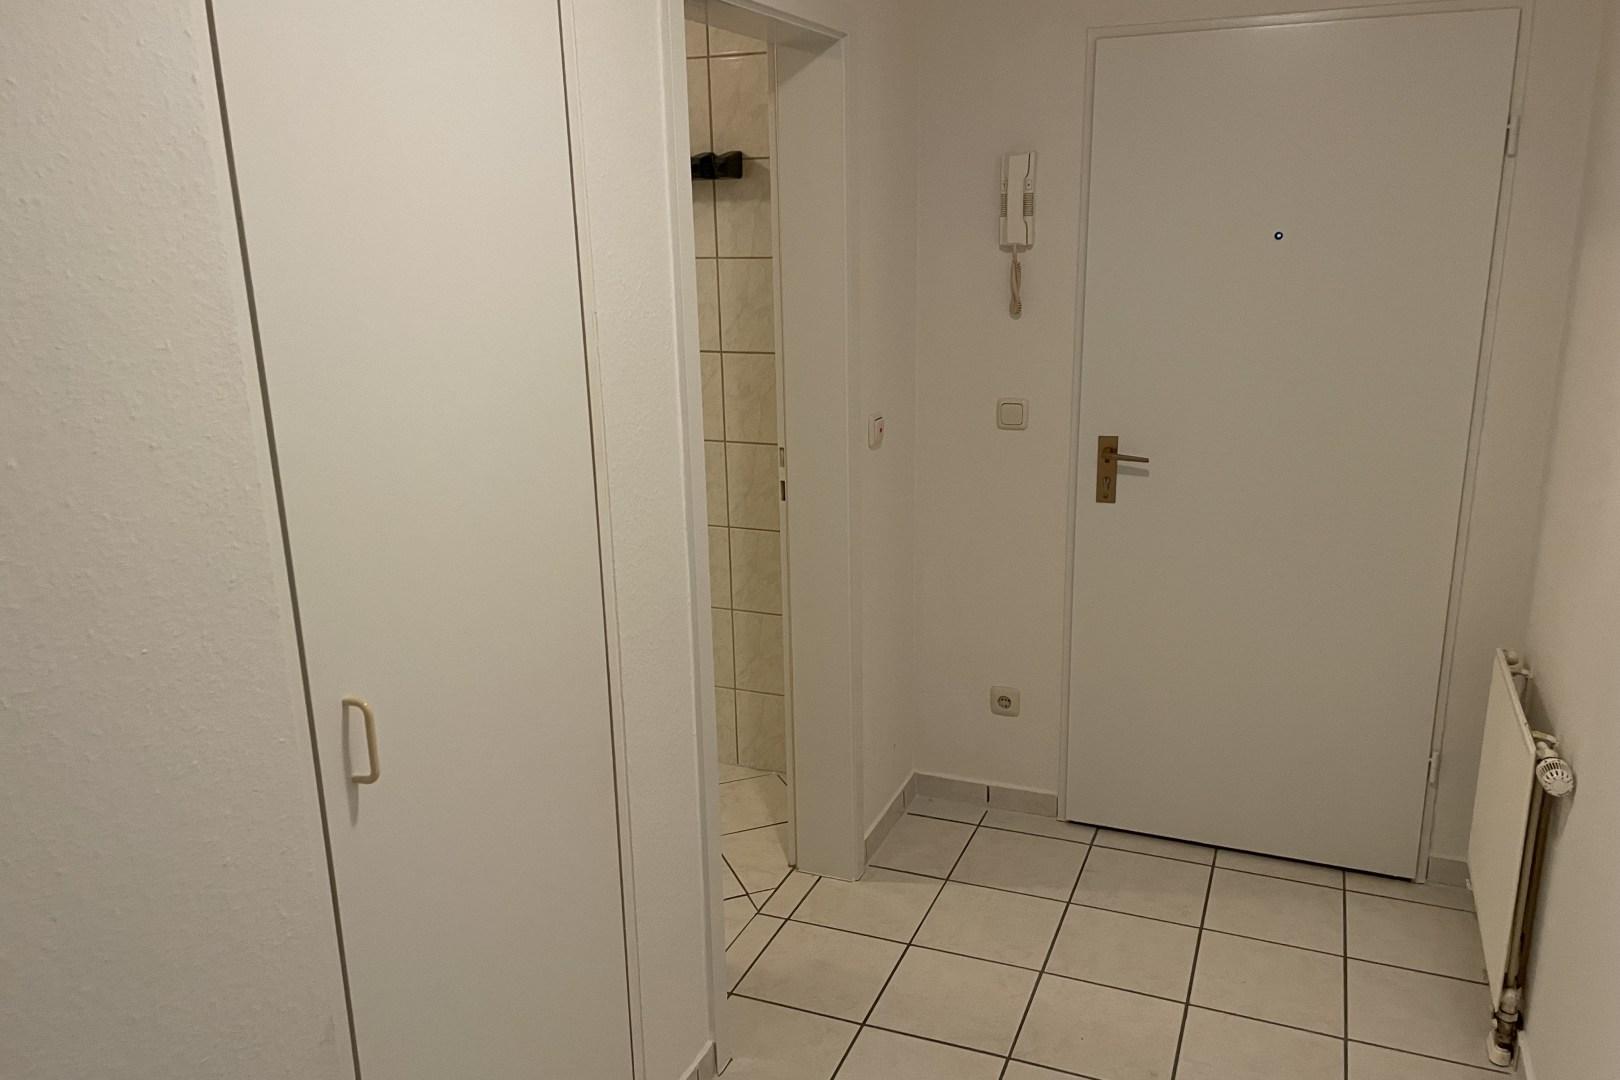 Immobilie Nr.0258 - 2-Zimmerwohnung  - Bild 9.jpg